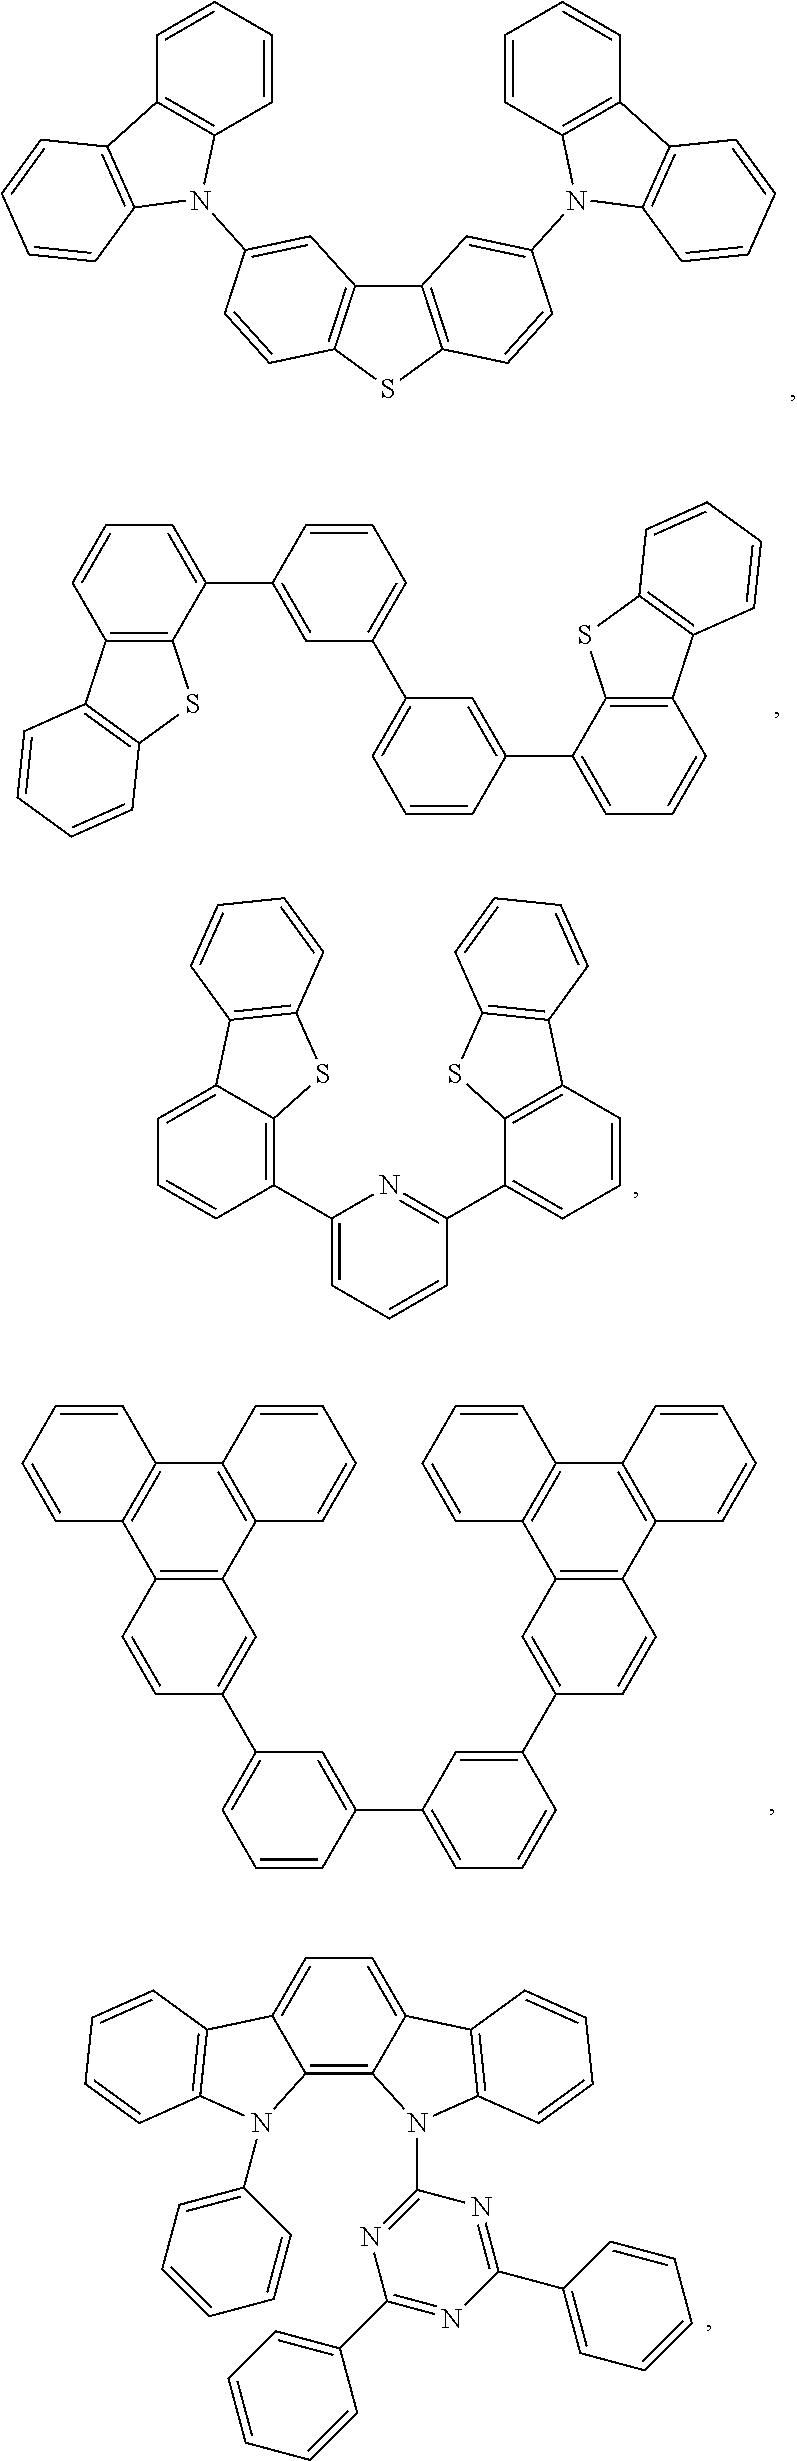 Figure US09634264-20170425-C00091